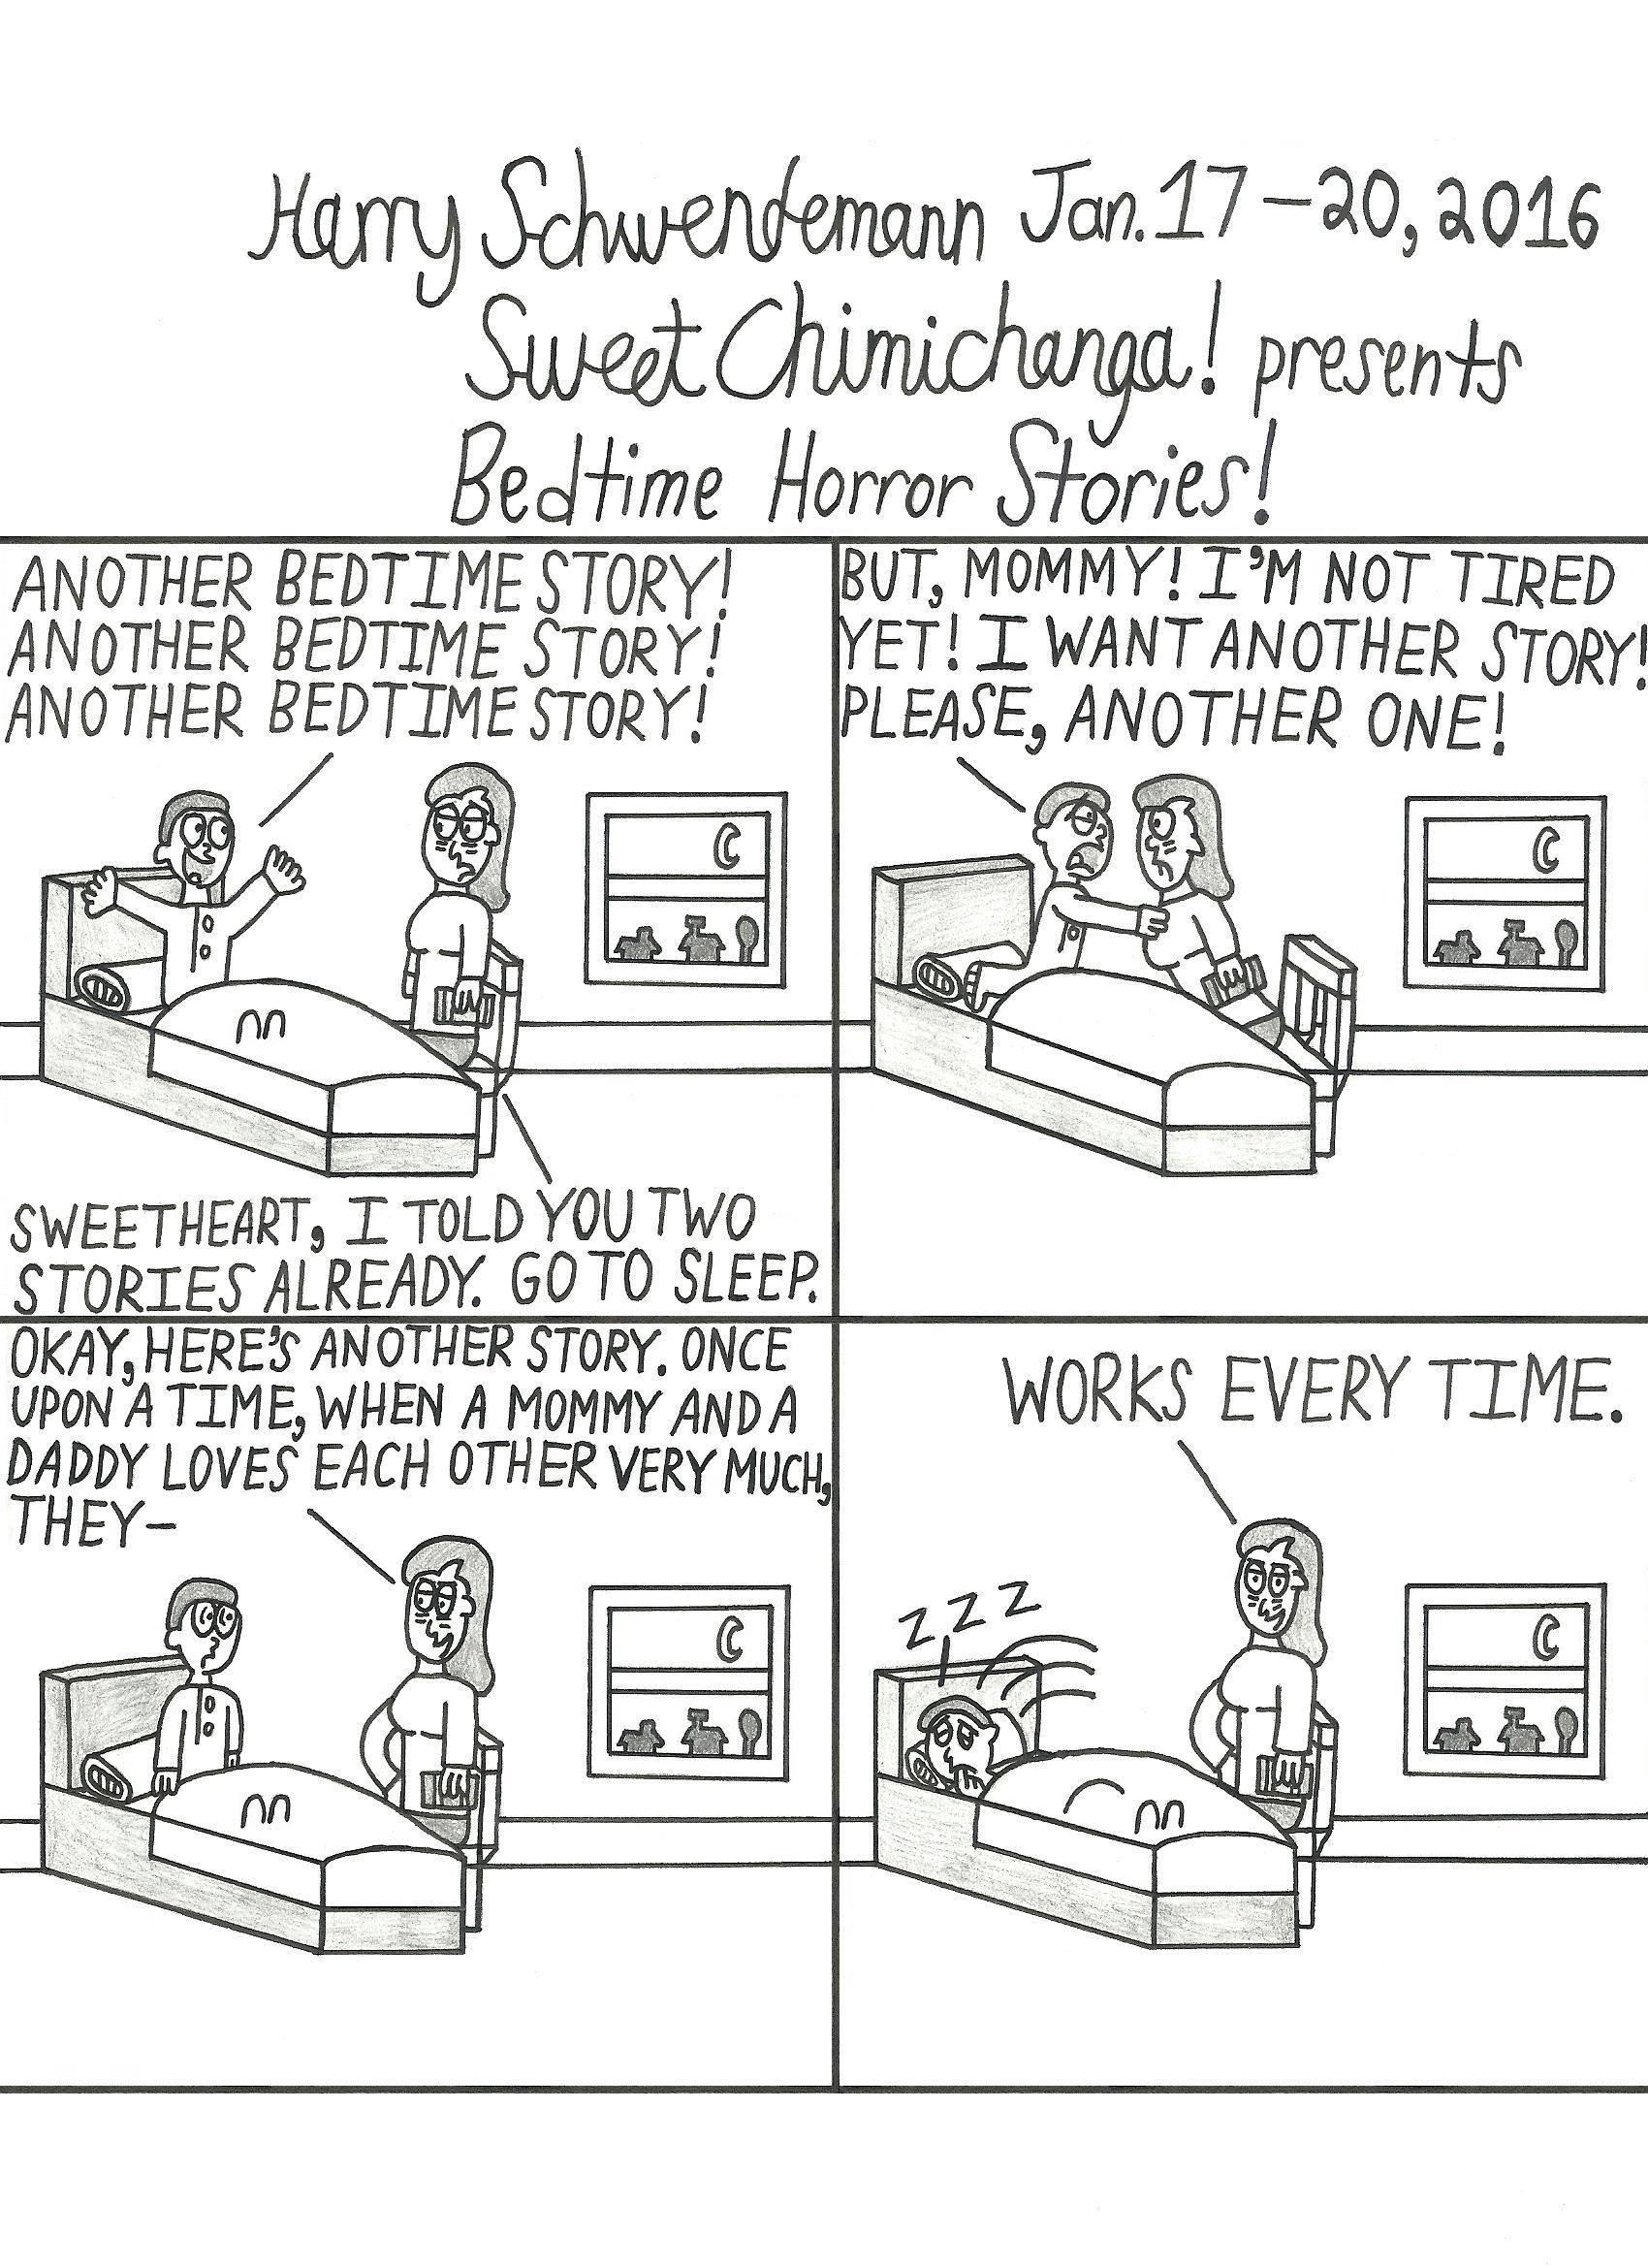 Bedtime Horror Stories!